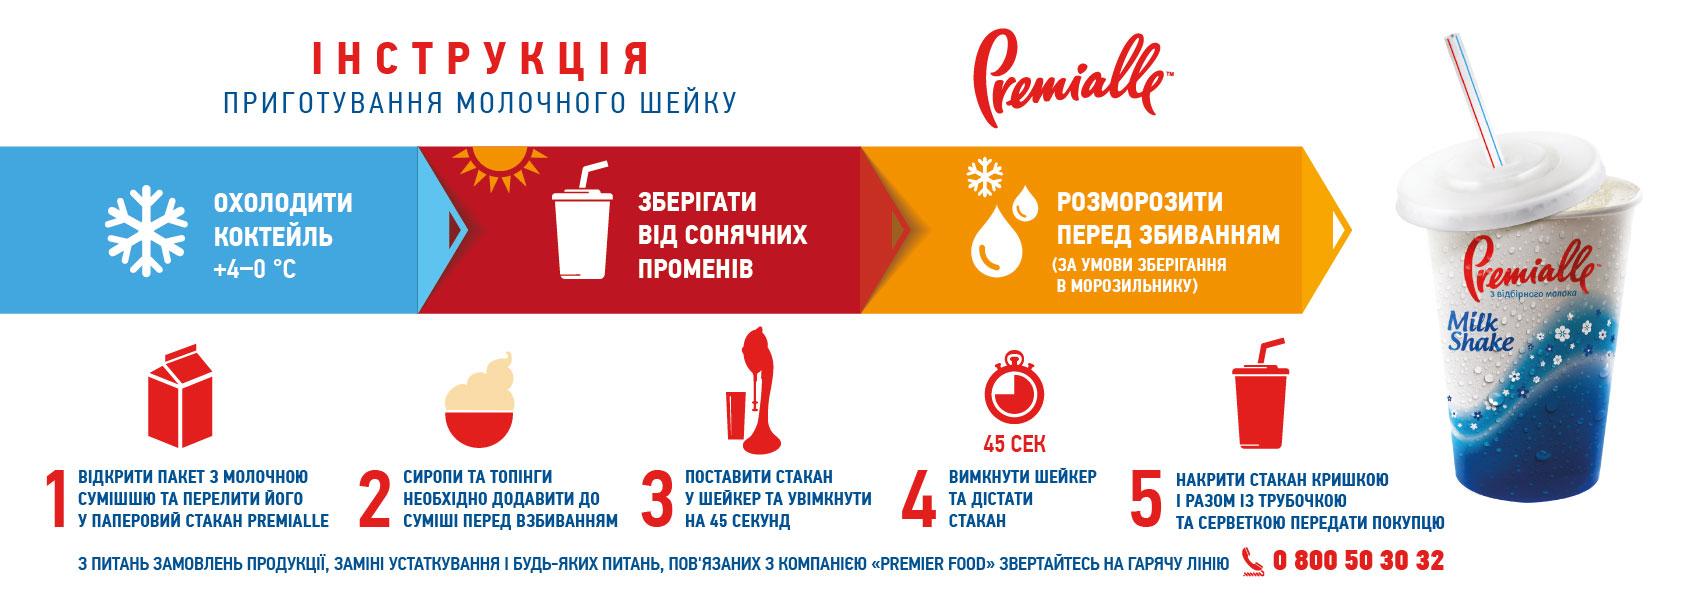 Инструкция приготовления молочного шейка Premialle